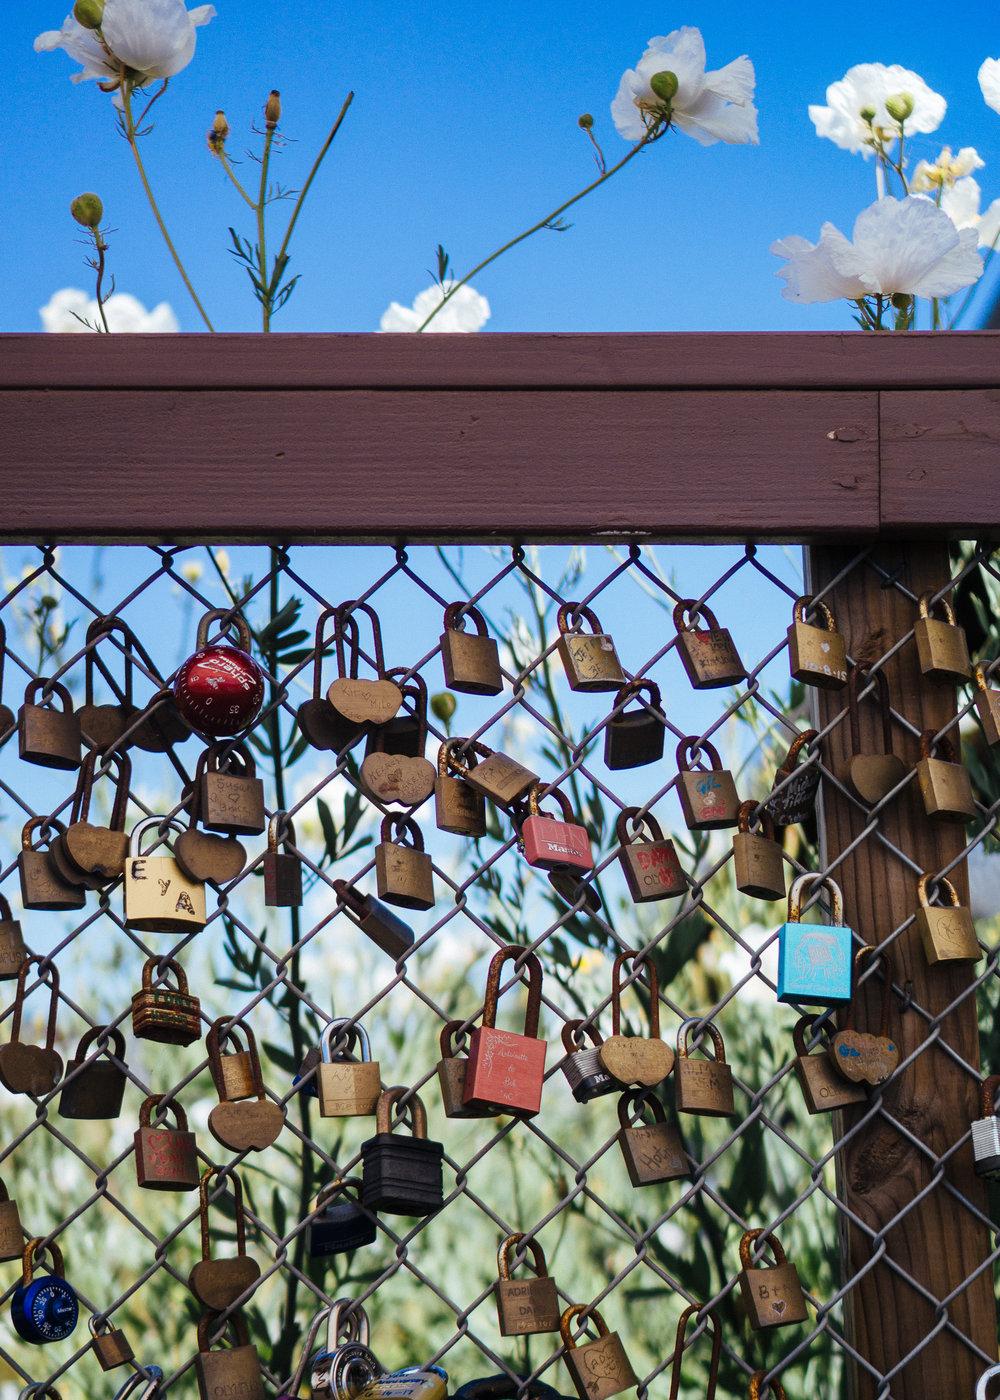 从候车室走到站台中间有一段廊桥,上面挂满了爱心锁。